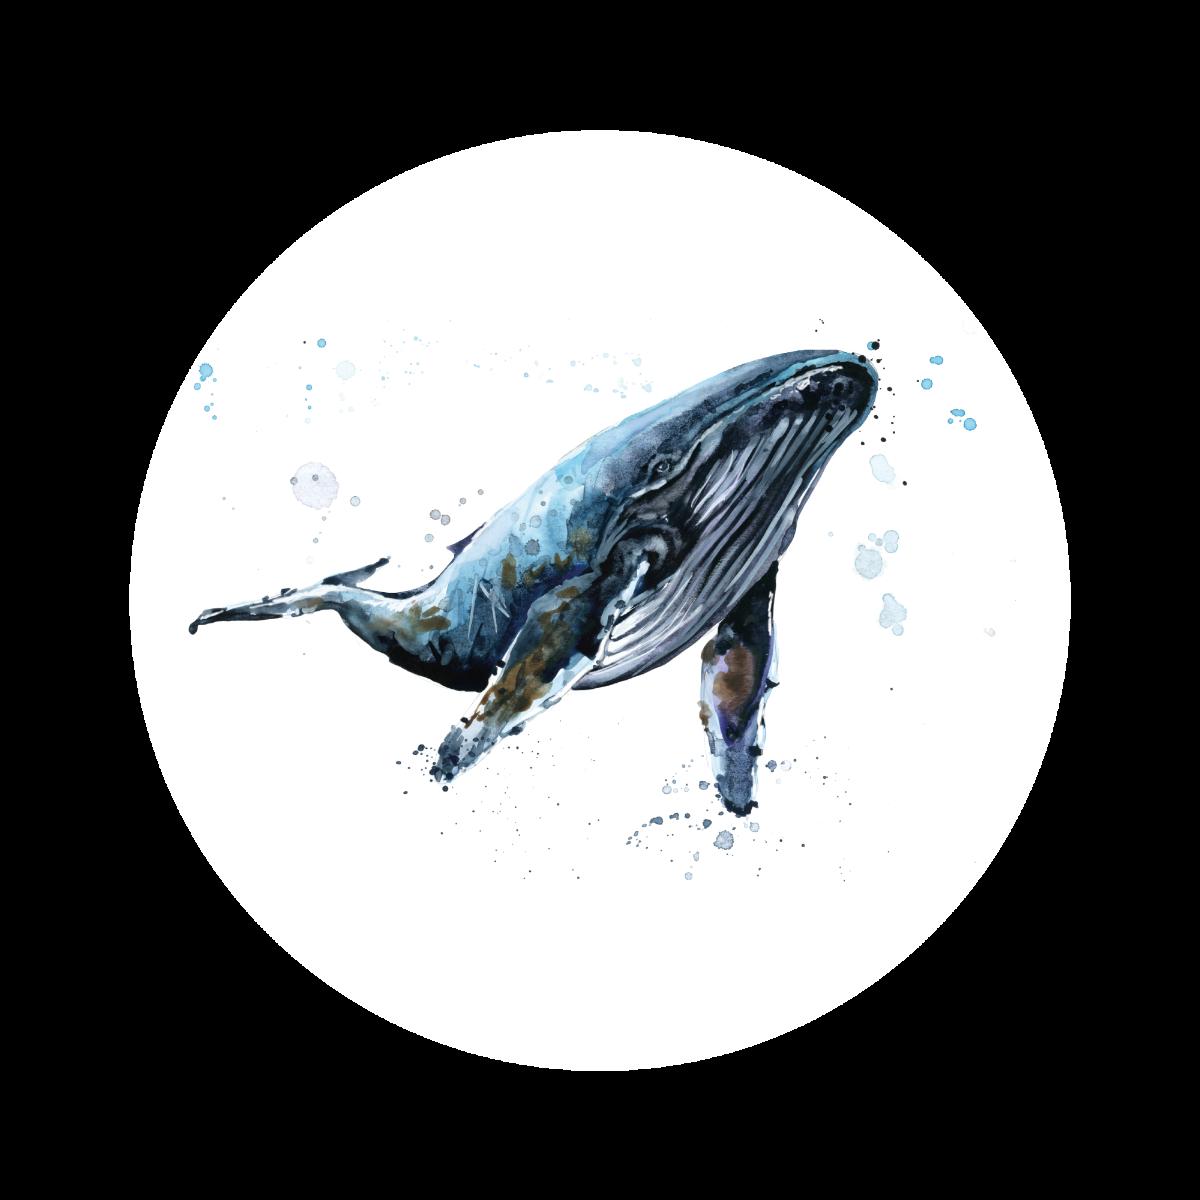 Fotobehang Behangcirkel bultrugwalvis -60 cm